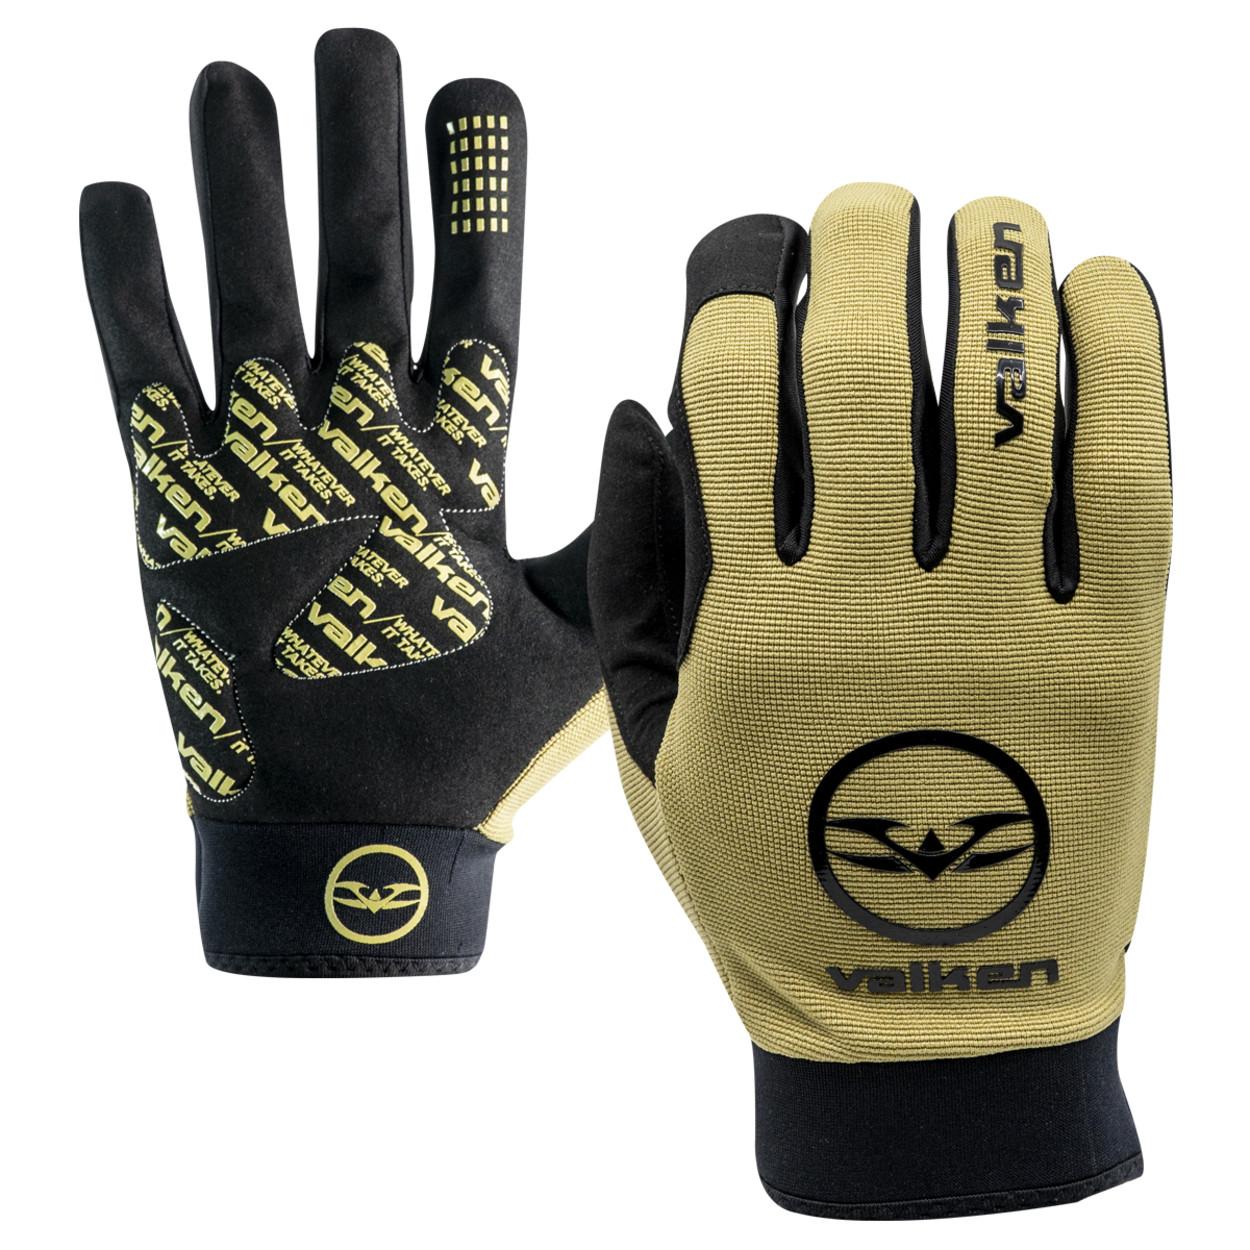 Valken Bravo Full Finger Gloves Tan product image